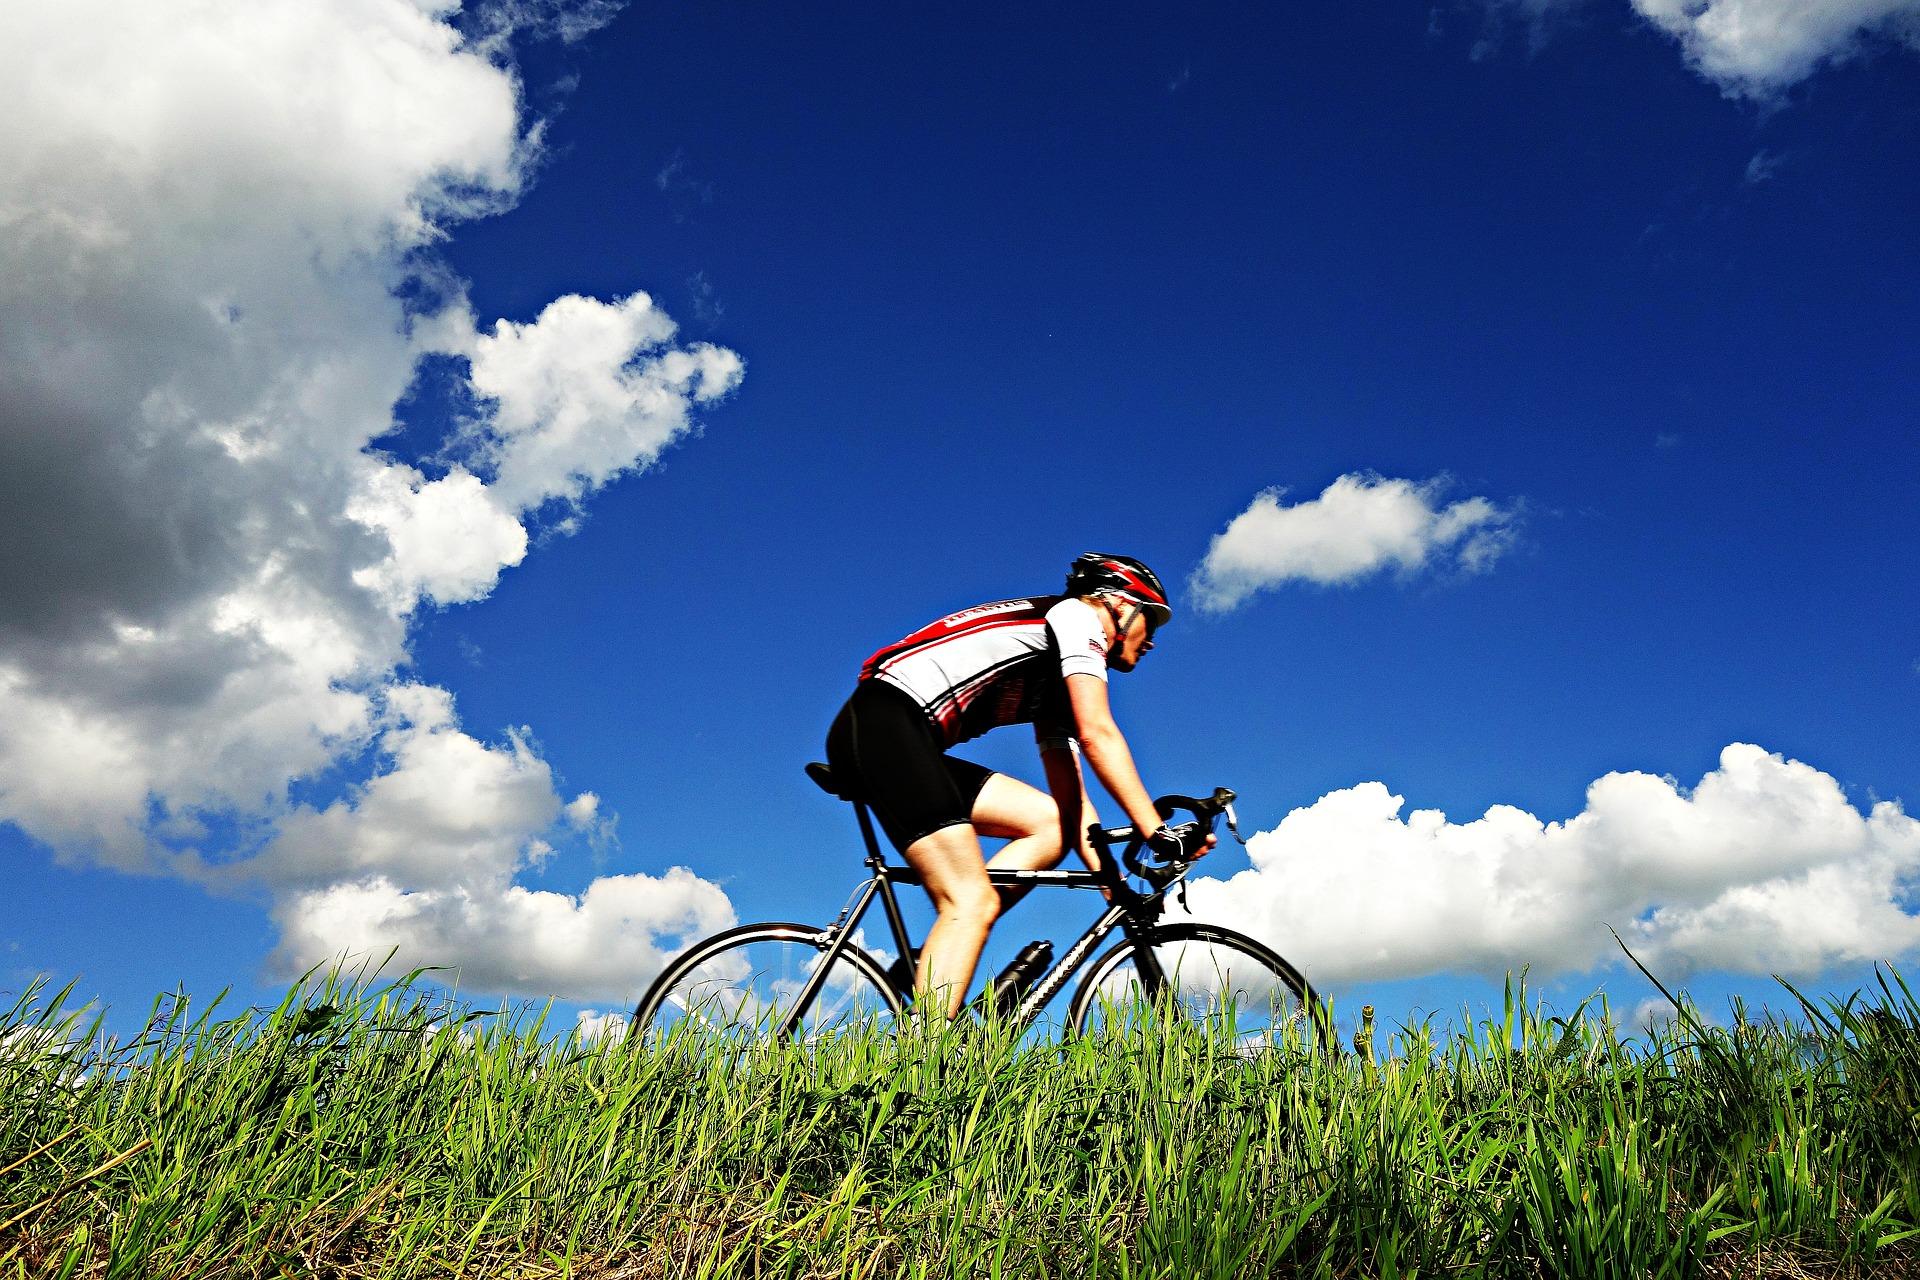 Orfű keékpár verseny